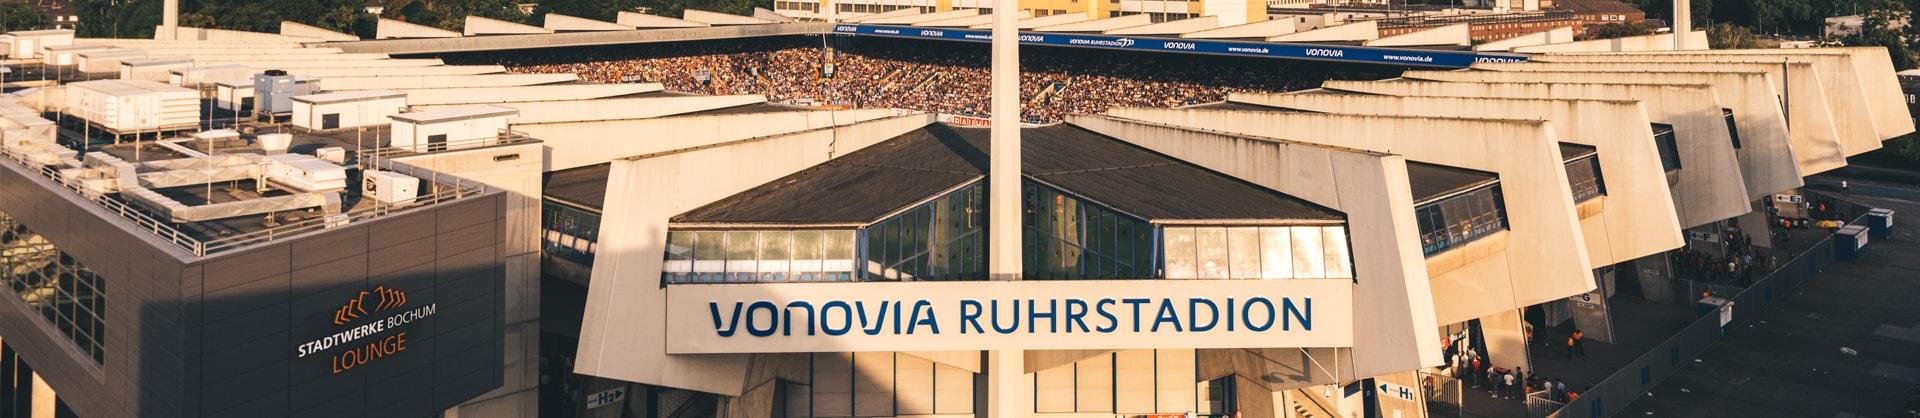 Fanfreundschaft zwischen dem VfL Bochum und dem FC Bayern